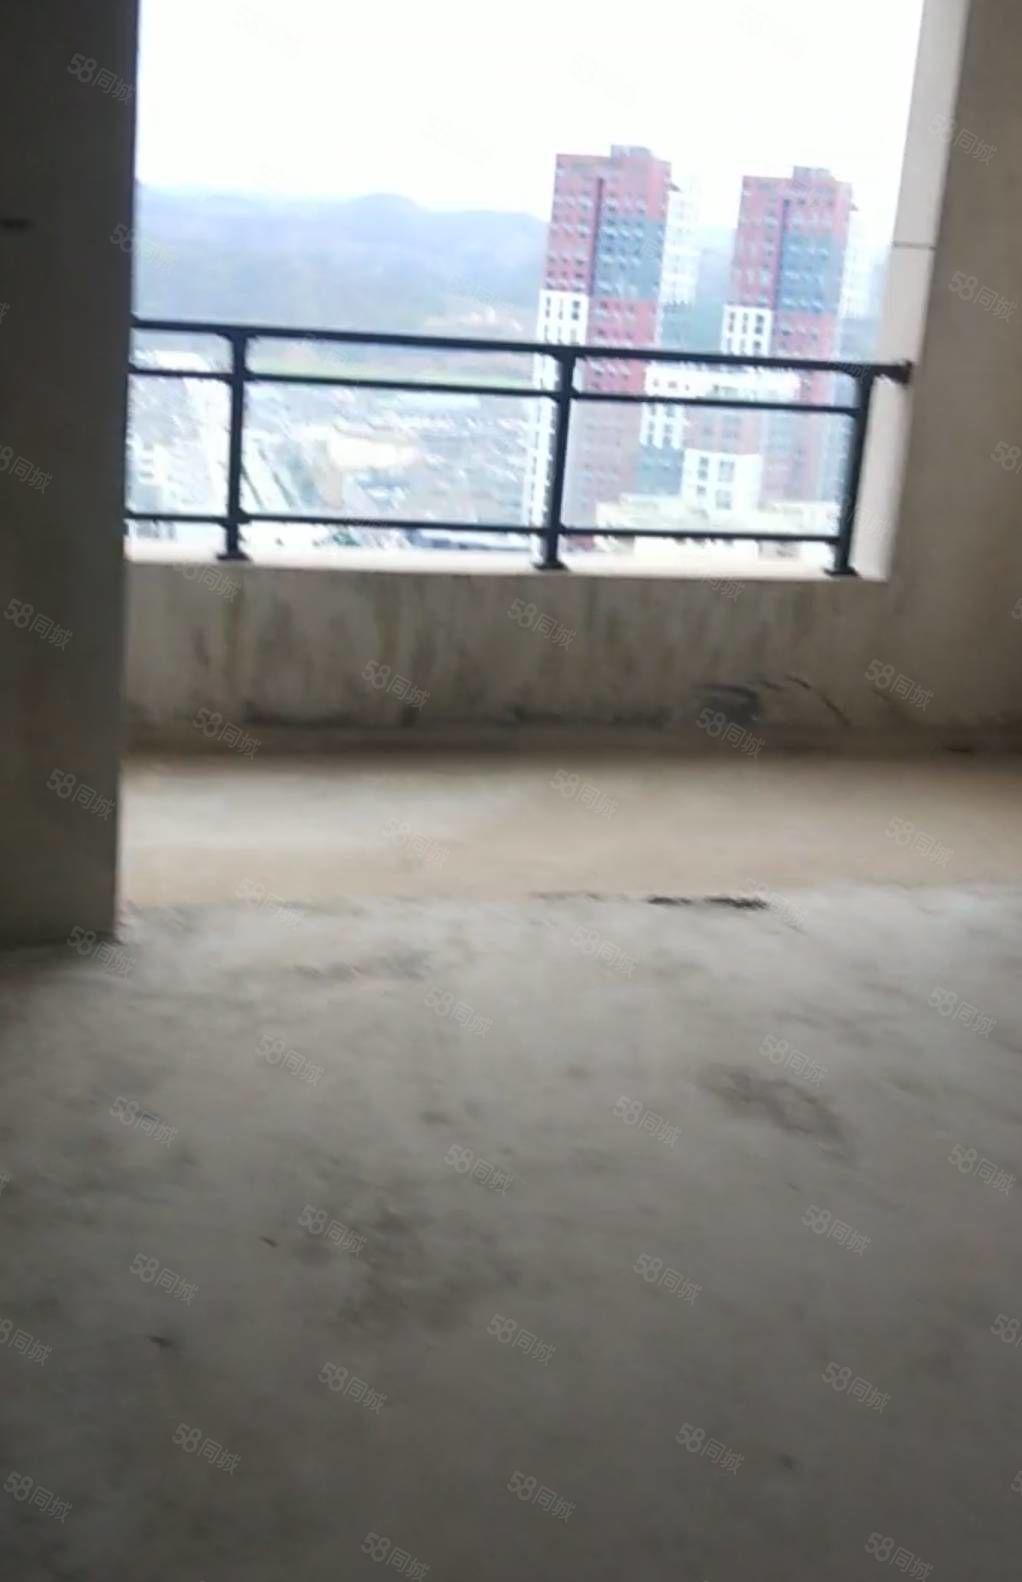 普者黑新天地!大户型客厅可以看见半个城市!对椒莲广场!